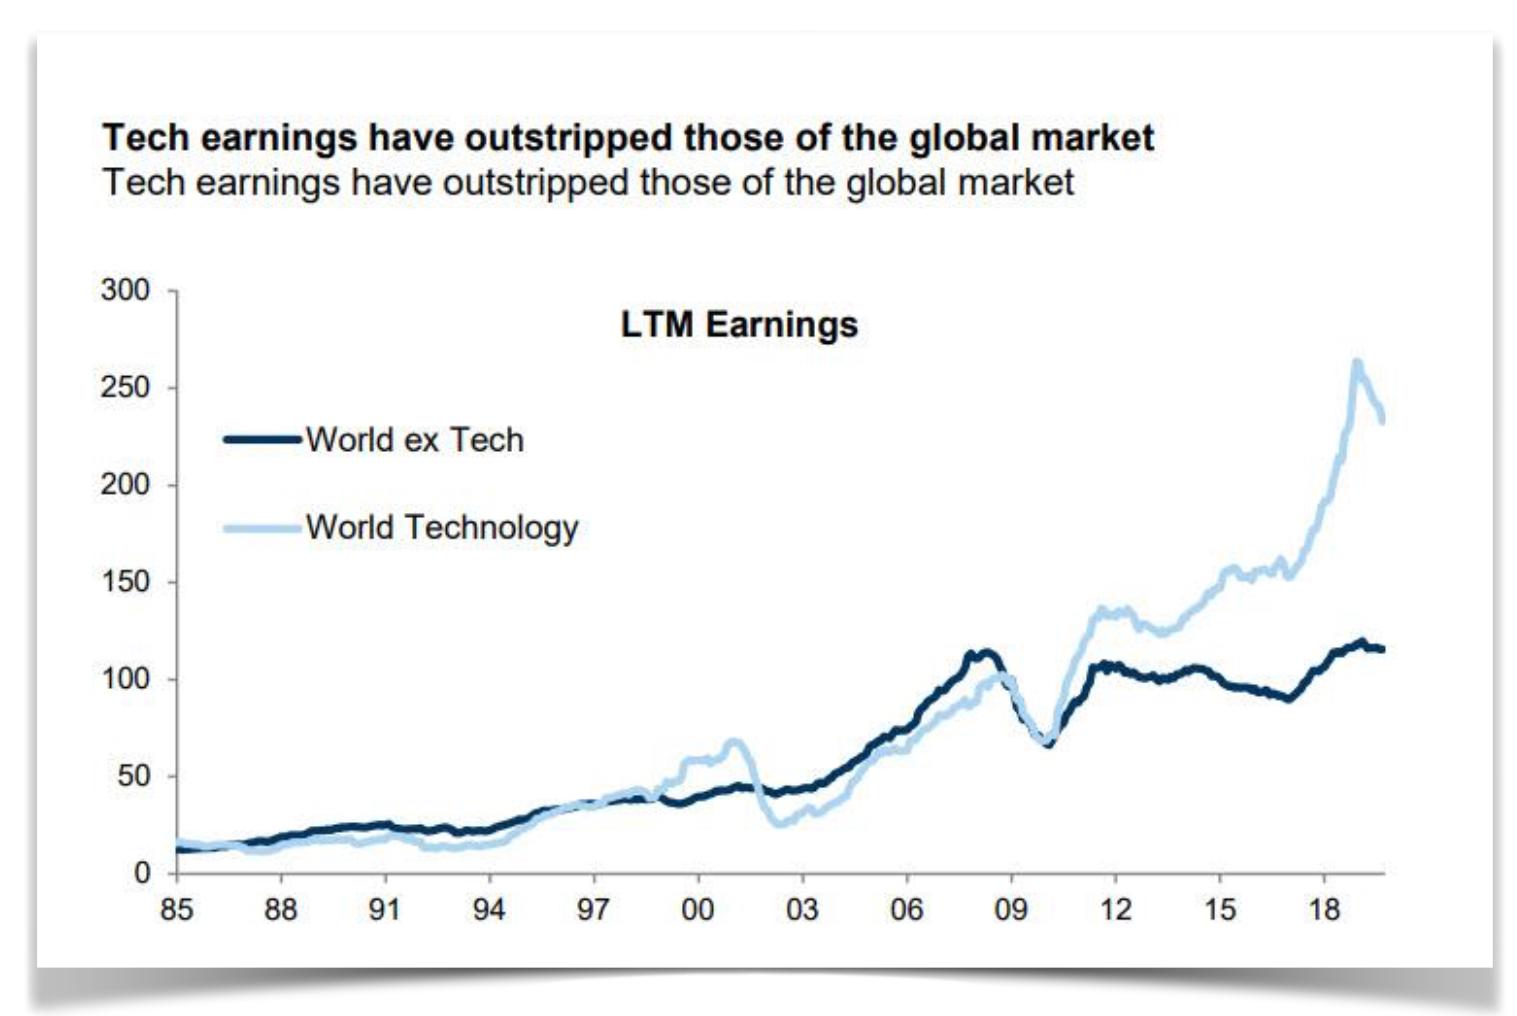 Les entreprises technologiques confisquent les profits